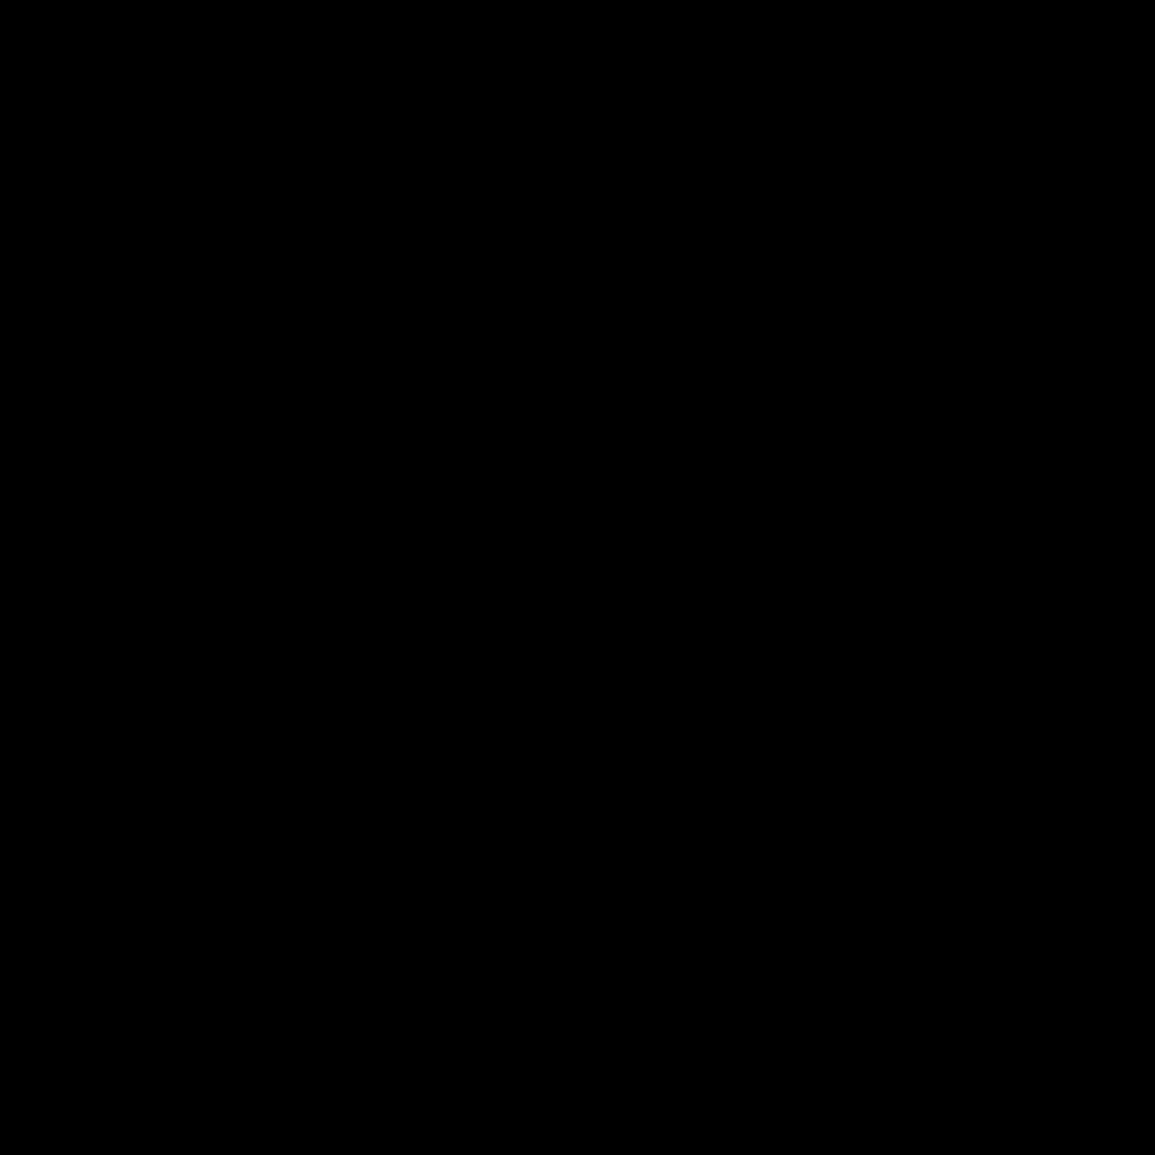 岩田細明朝 ILM-A 字形見本